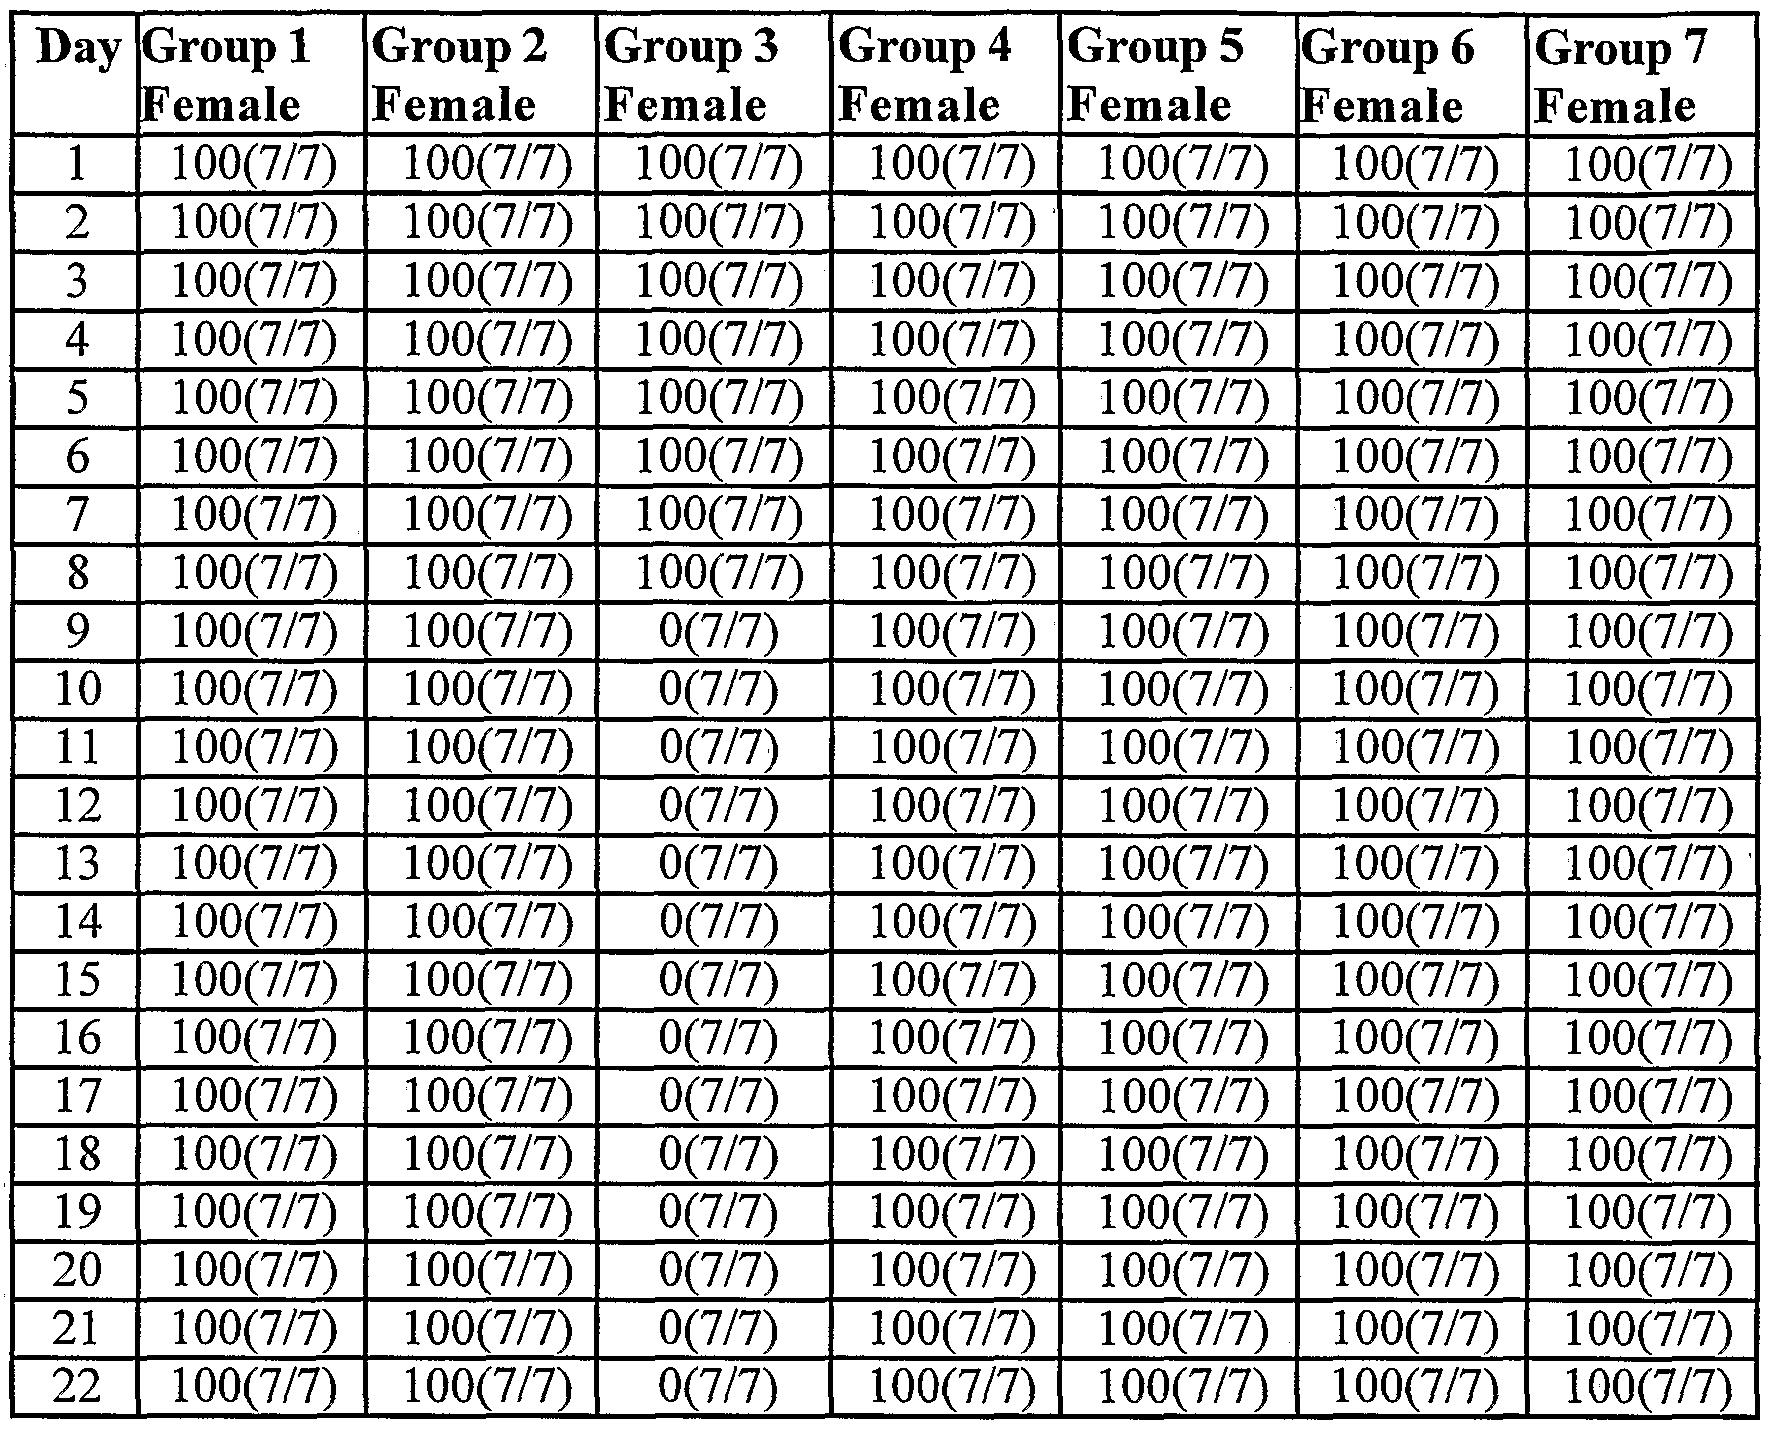 28 Day Multi Dose Expiration Calendar 2018 Calendar Printable Template